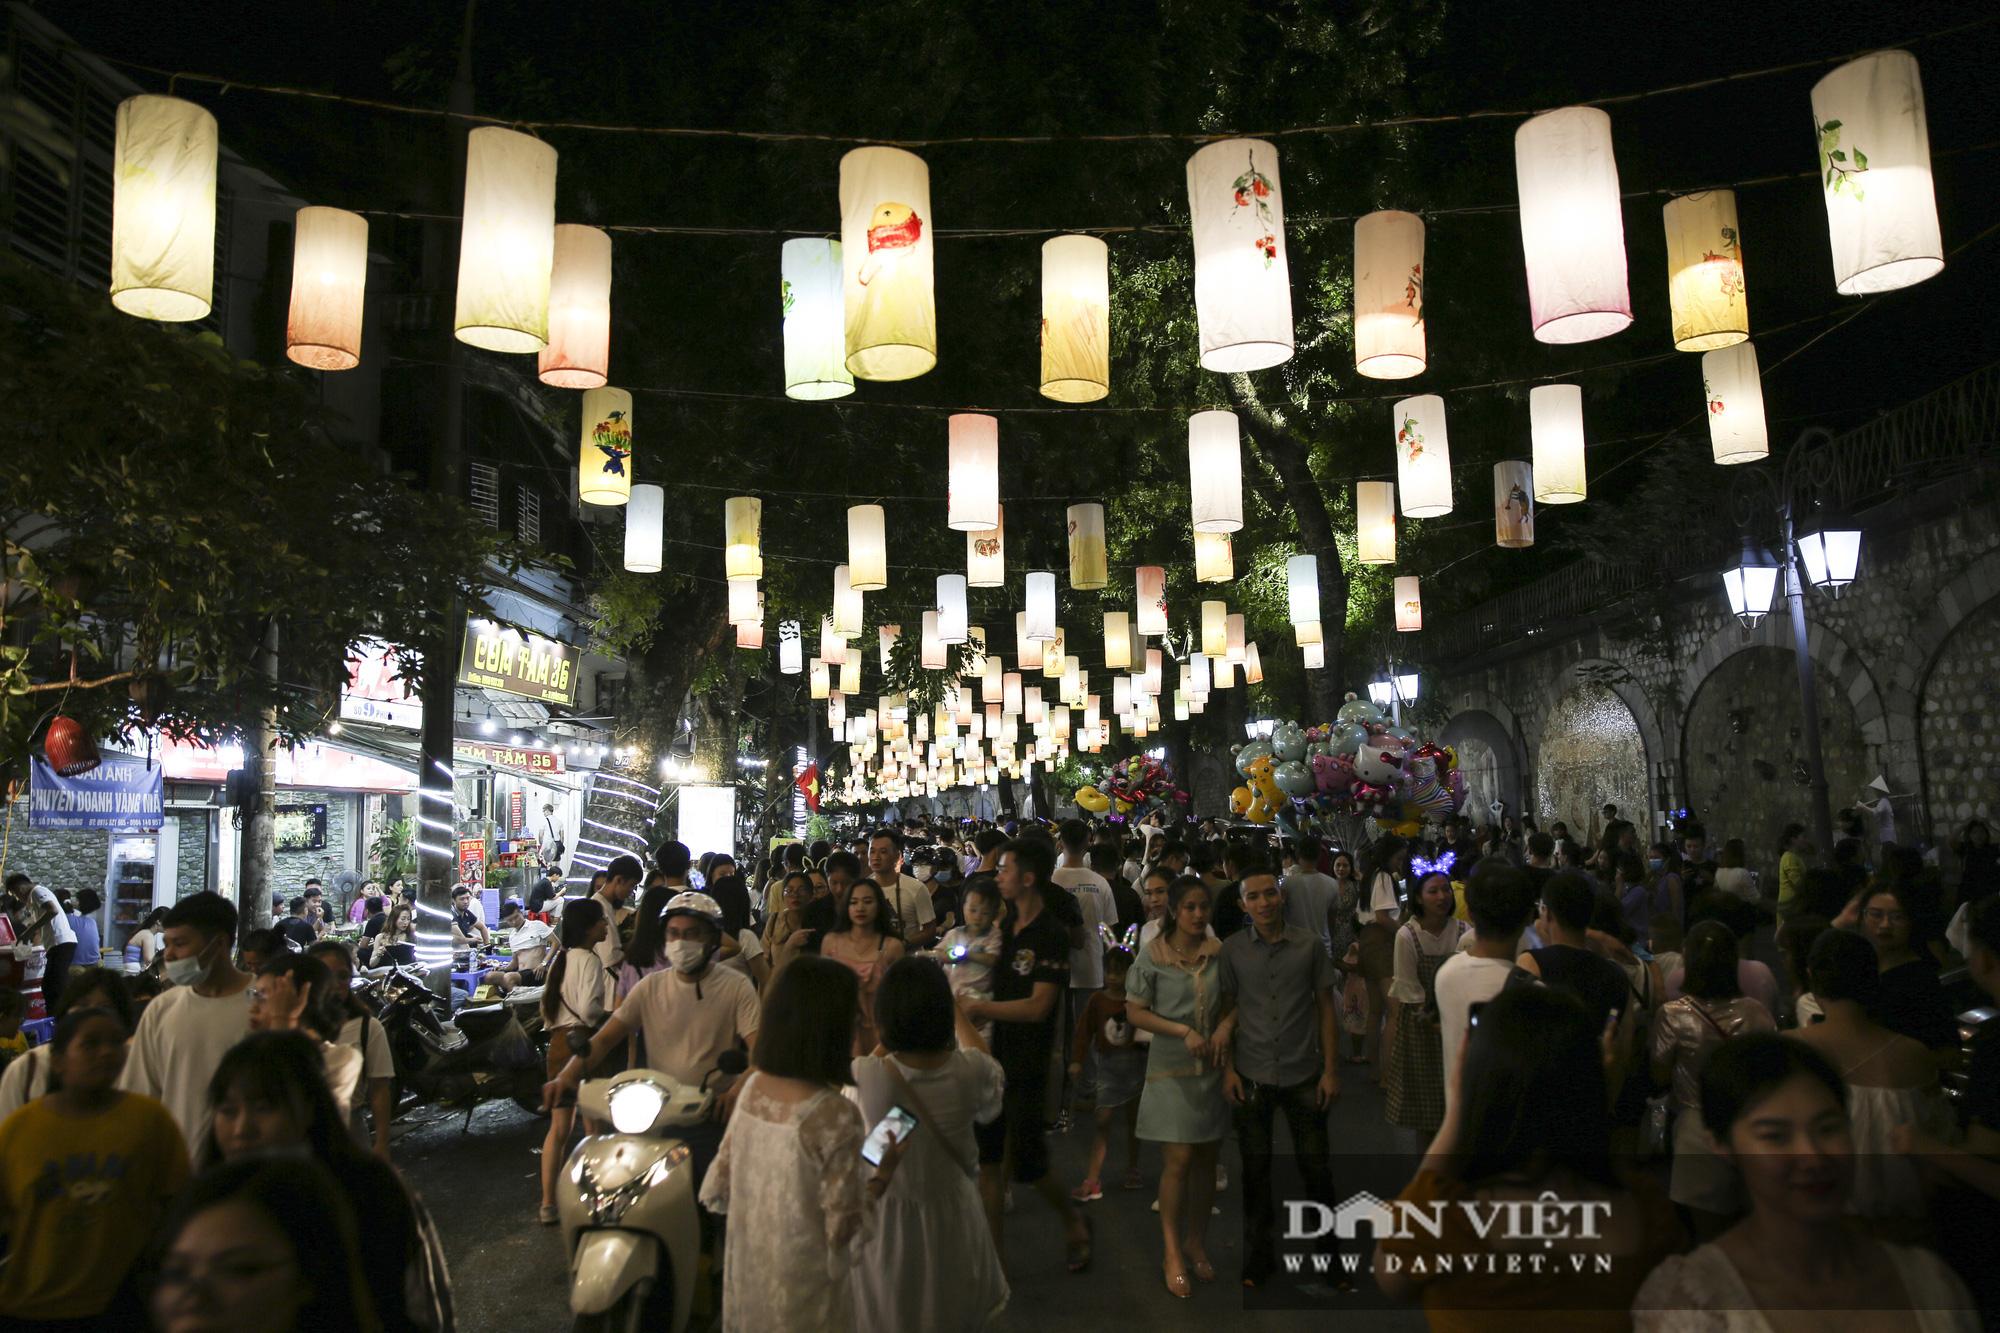 Hàng nghìn người đổ phố bích họa Phùng Hưng thưởng lãm đèn lồng - Ảnh 2.